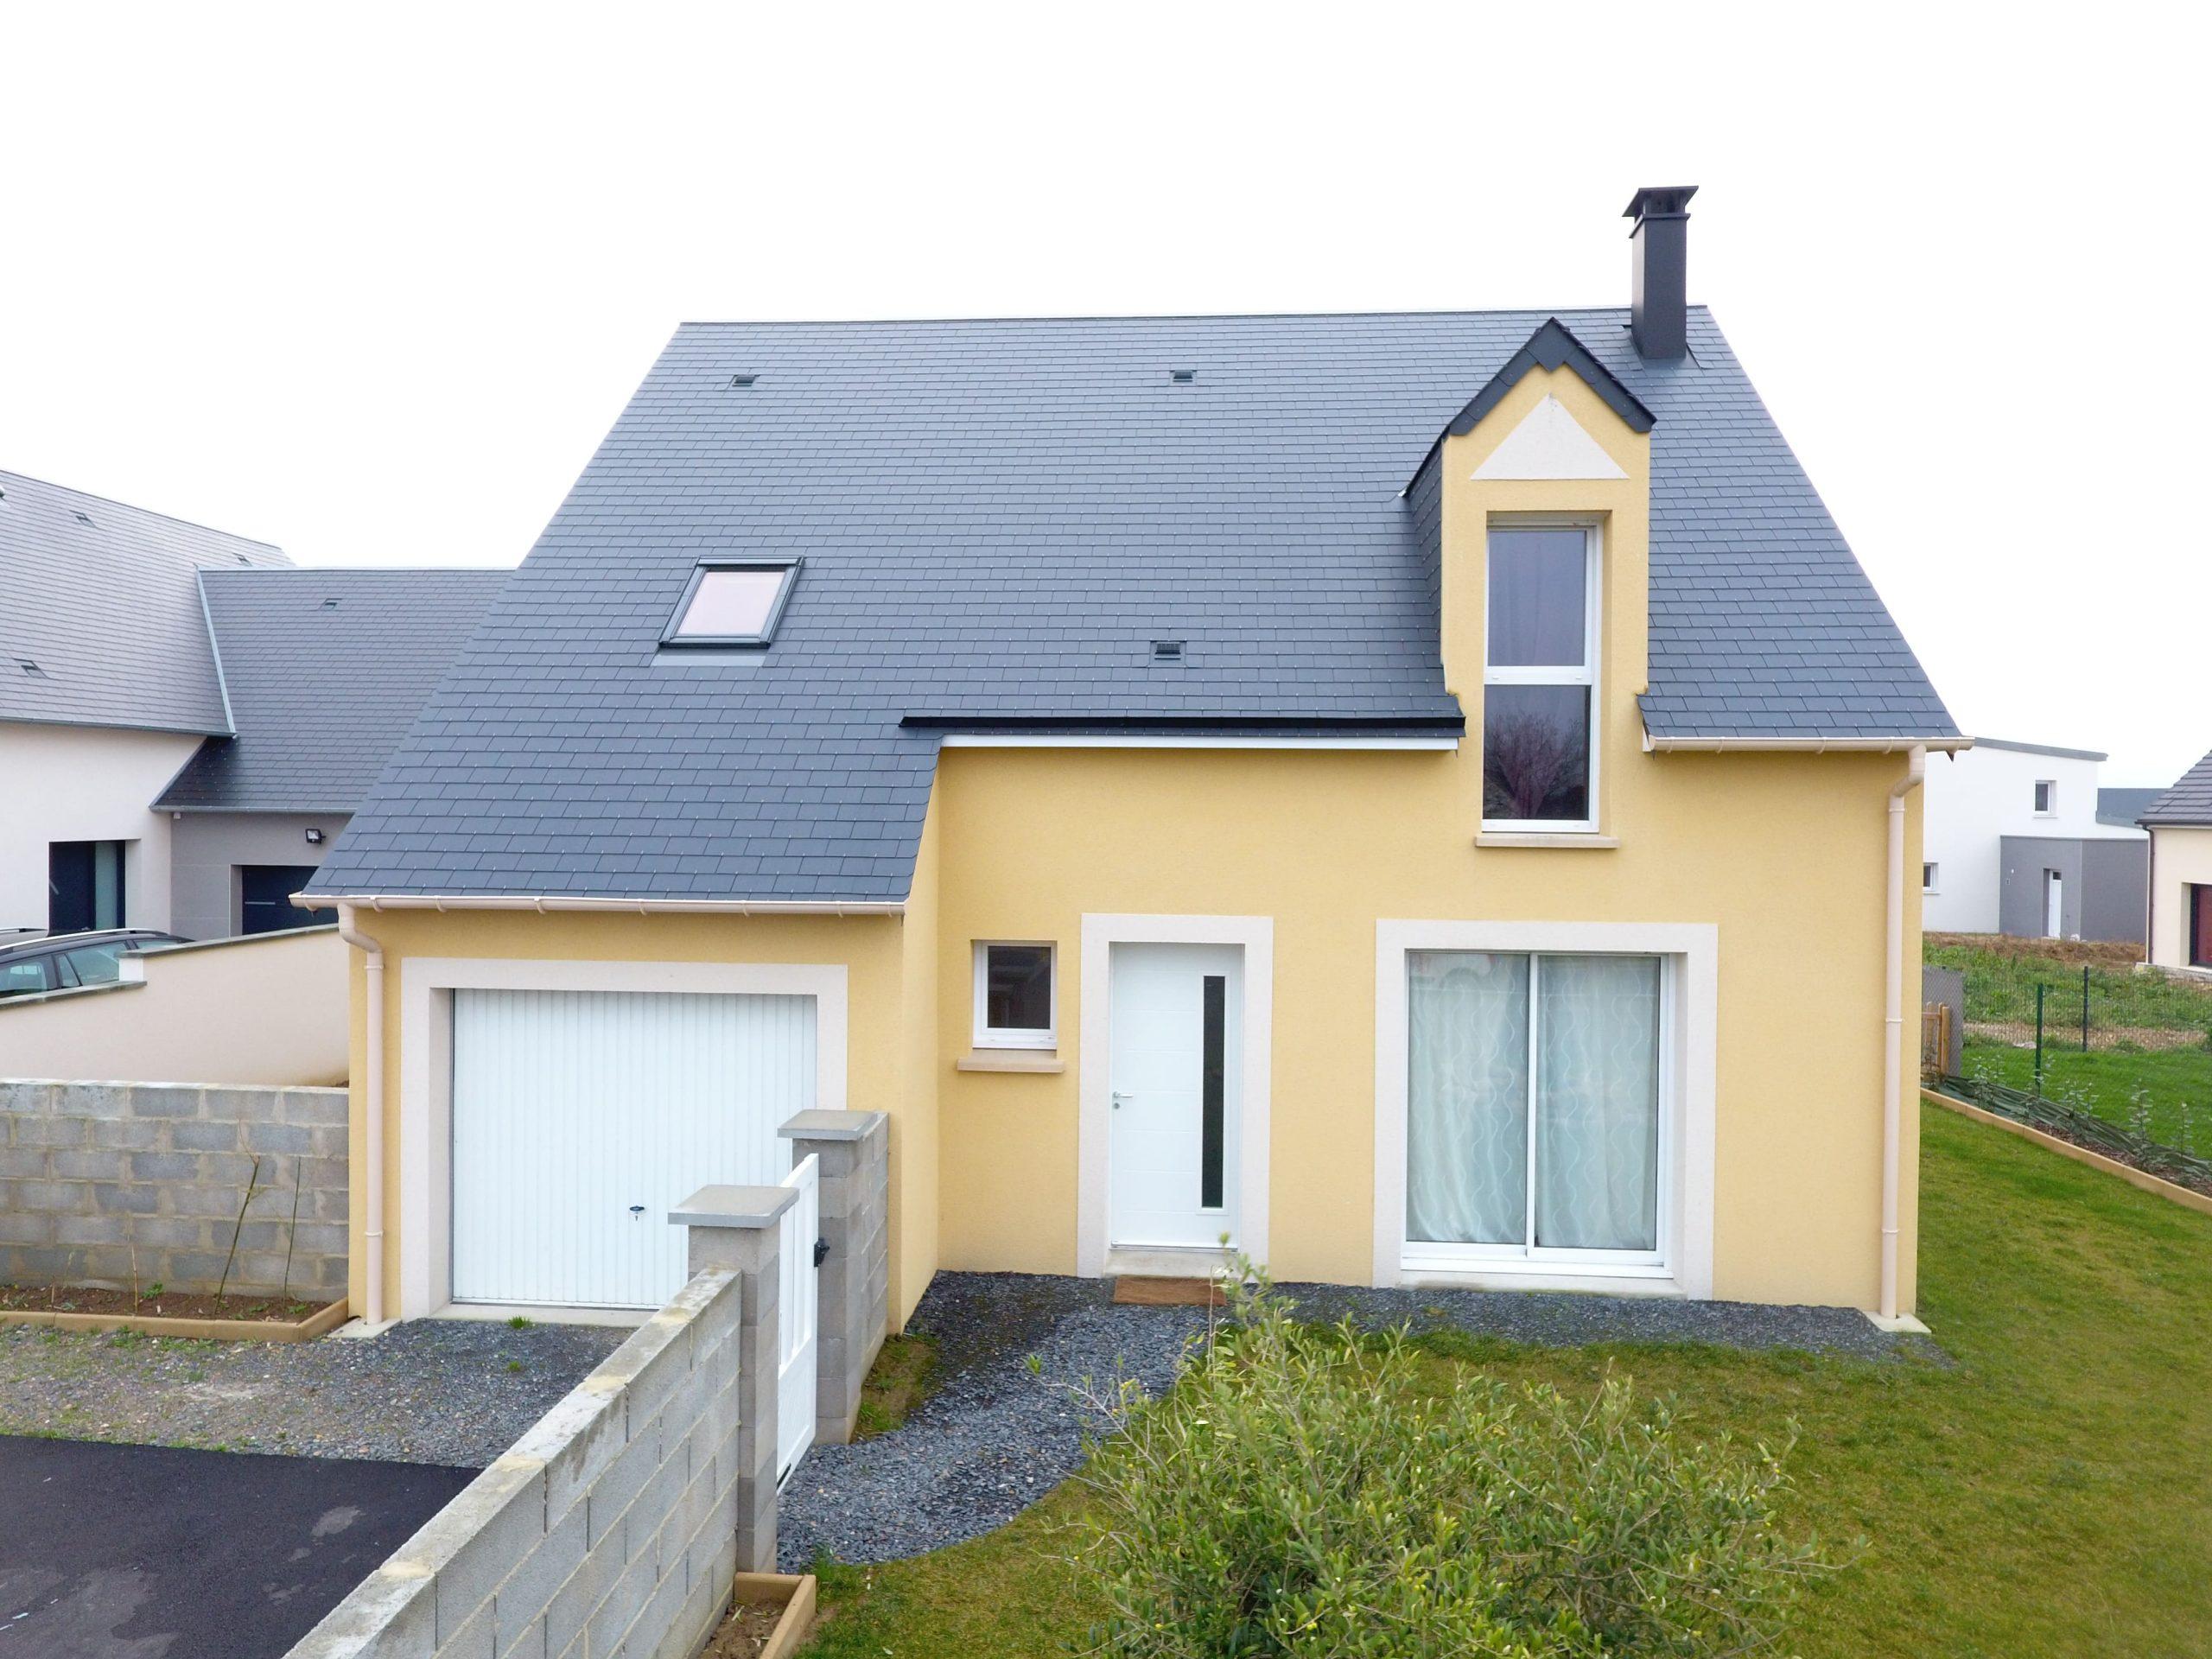 Constructeur maisons individuelles Lisieux-WELCOME 103m² mode et nature